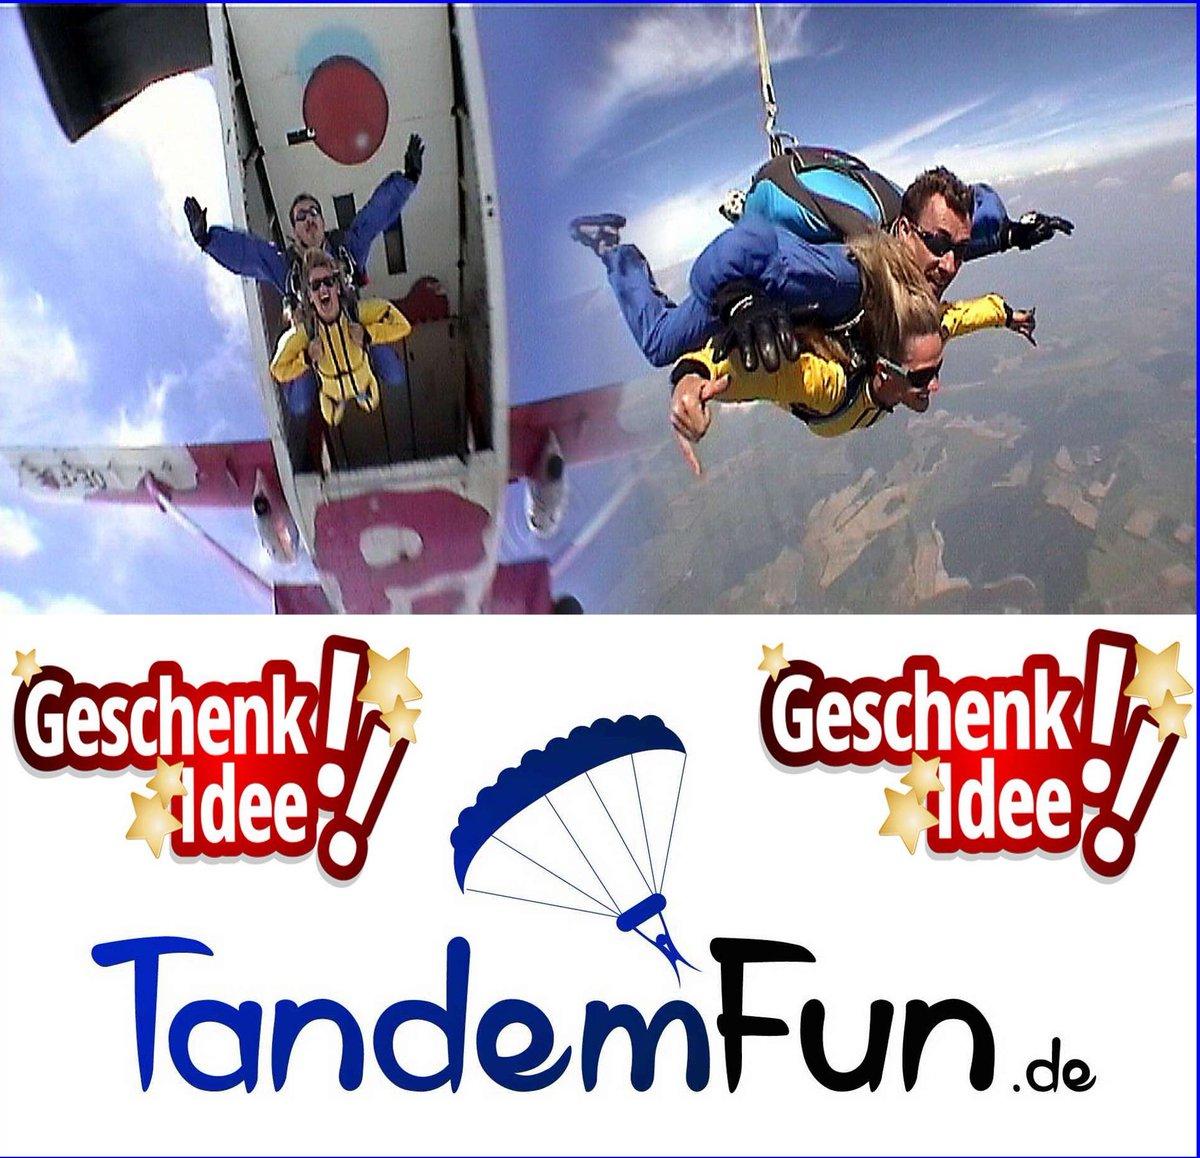 Fallschirmsprung Bayern #Gutschein Tandemsprung #Geschenk #Geschenkidee  #München #Landshut #Regensburg #Deggendorf #Cham  #Straubing #Amberg #Schwandorf #Ansbach #Würzburg #nuernberg #Fürth #Erlangen Niederbayern #Oberviechtach Neunburg vorm Wald http://tandemfun.de #spasspic.twitter.com/46BDUpCB5E